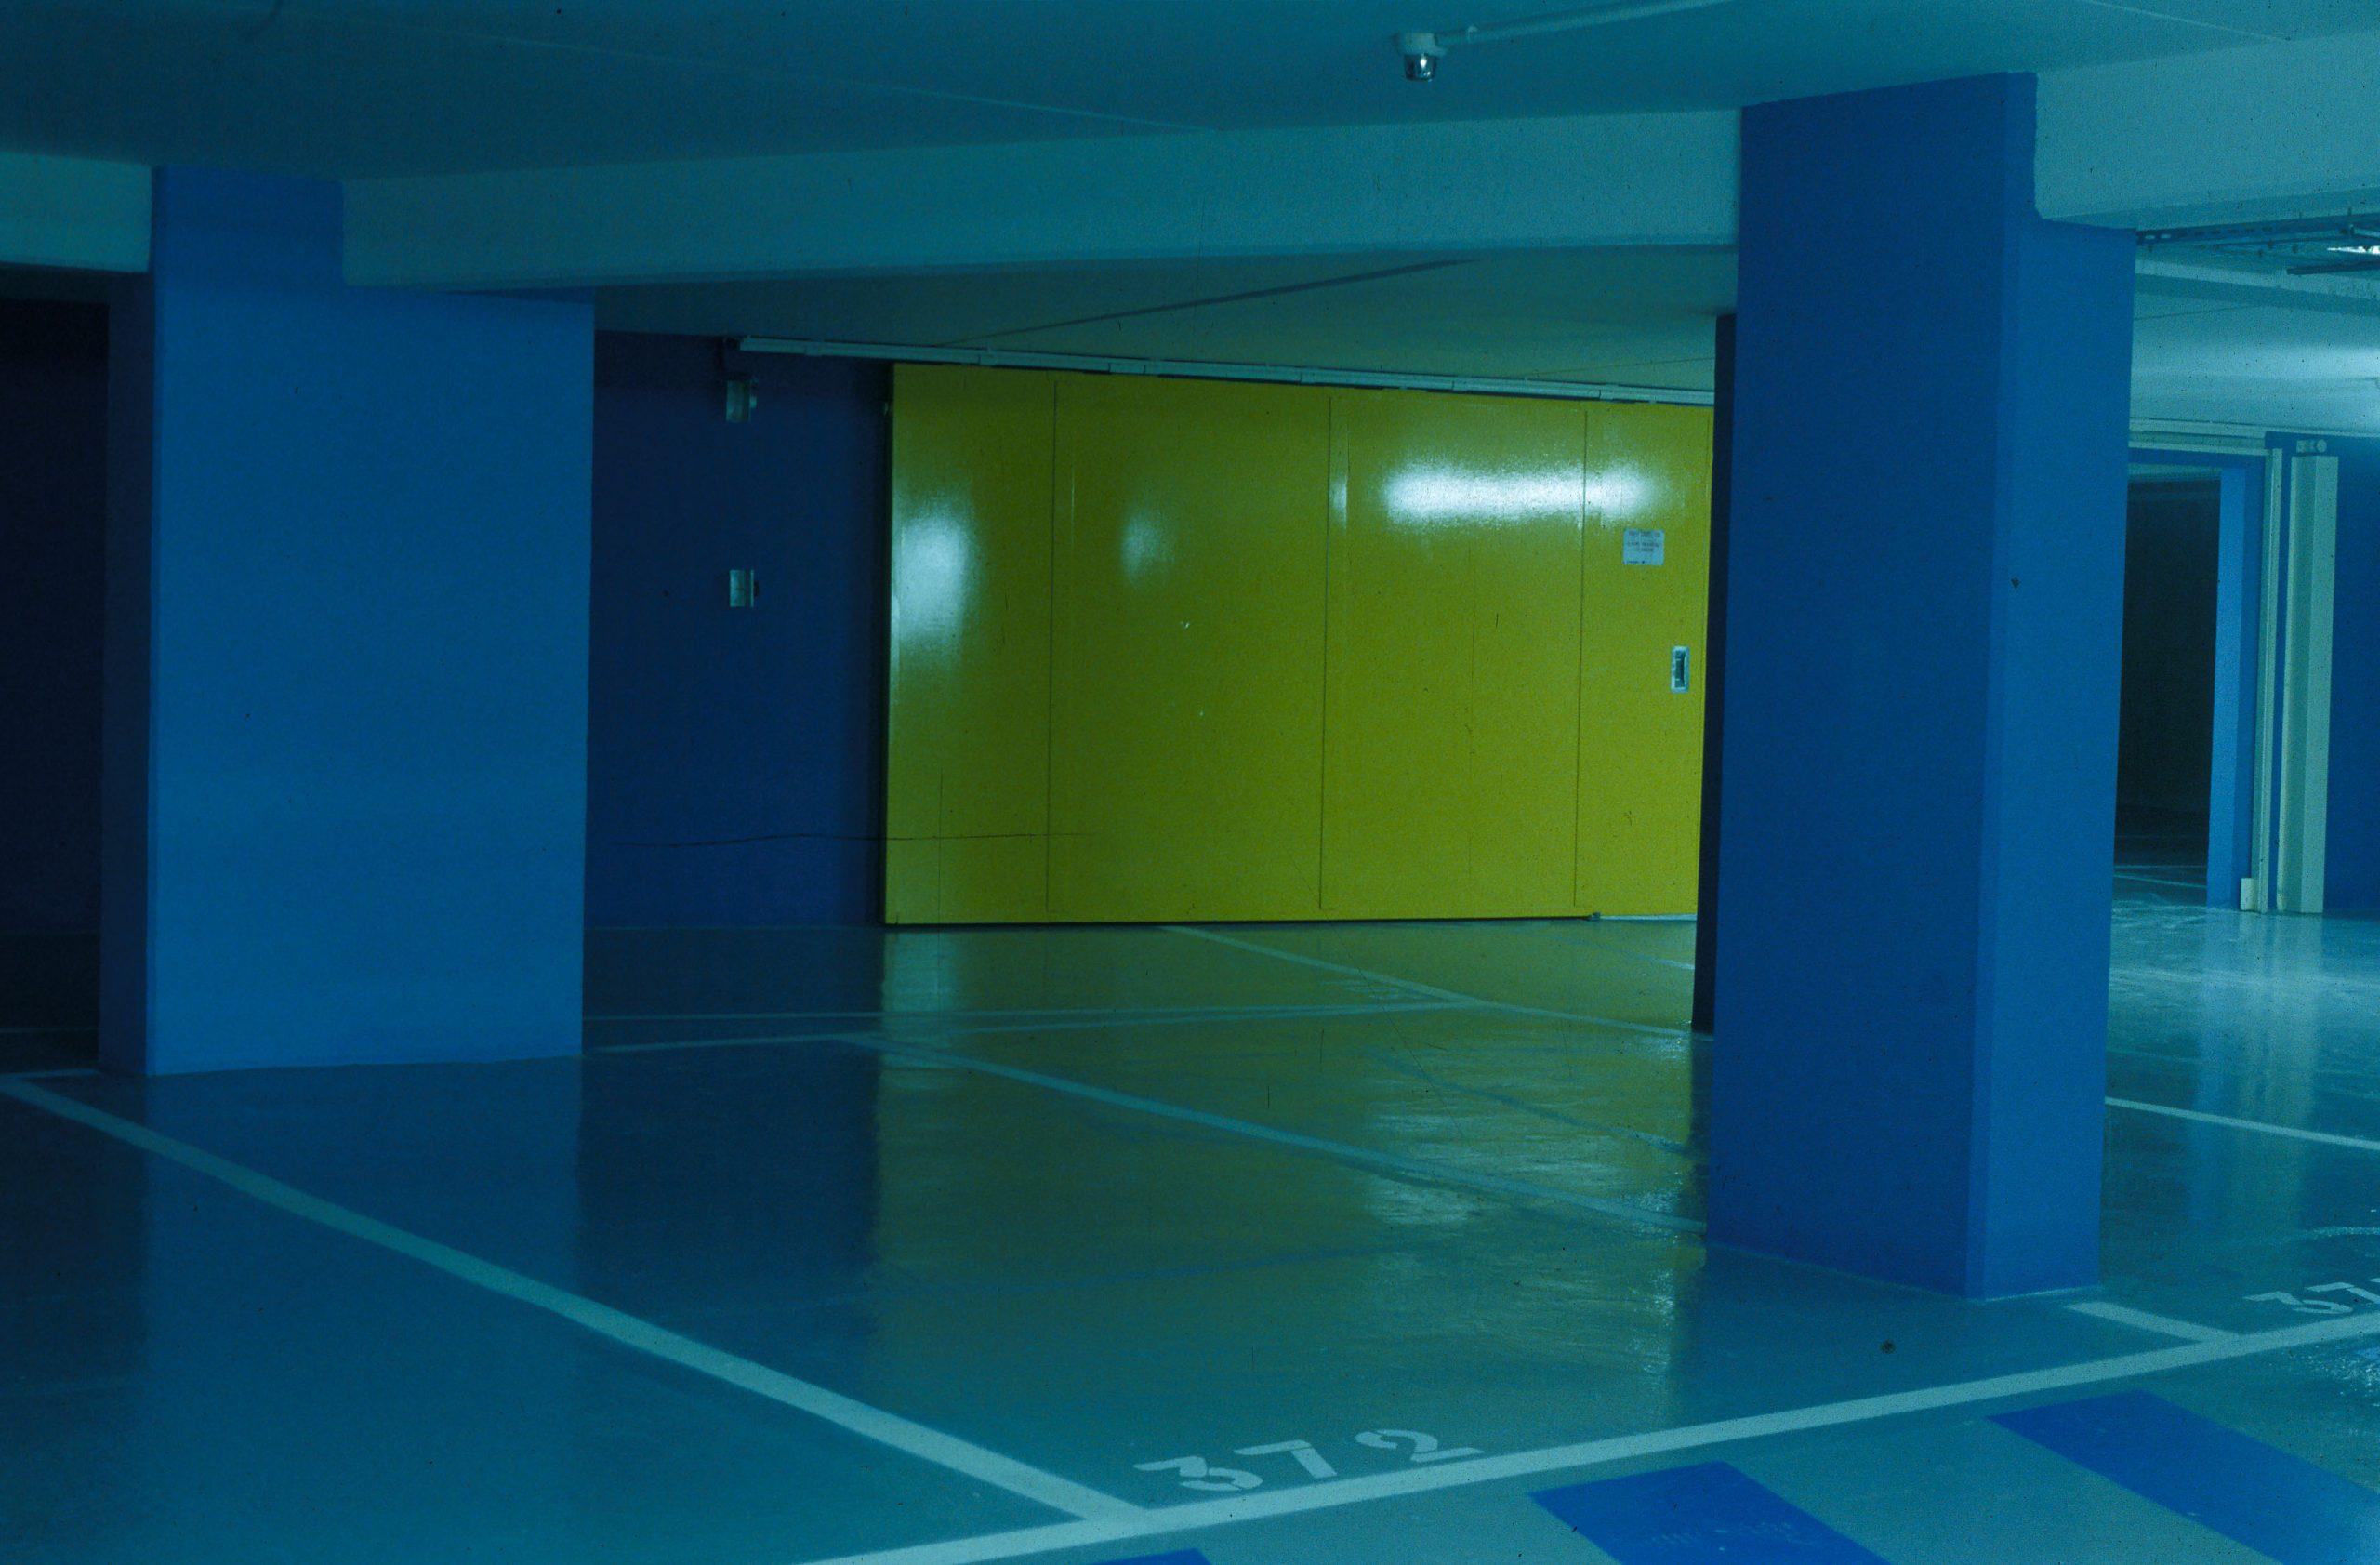 Parc de stationnement Bordeaux-Valeur qualitative de l'espace